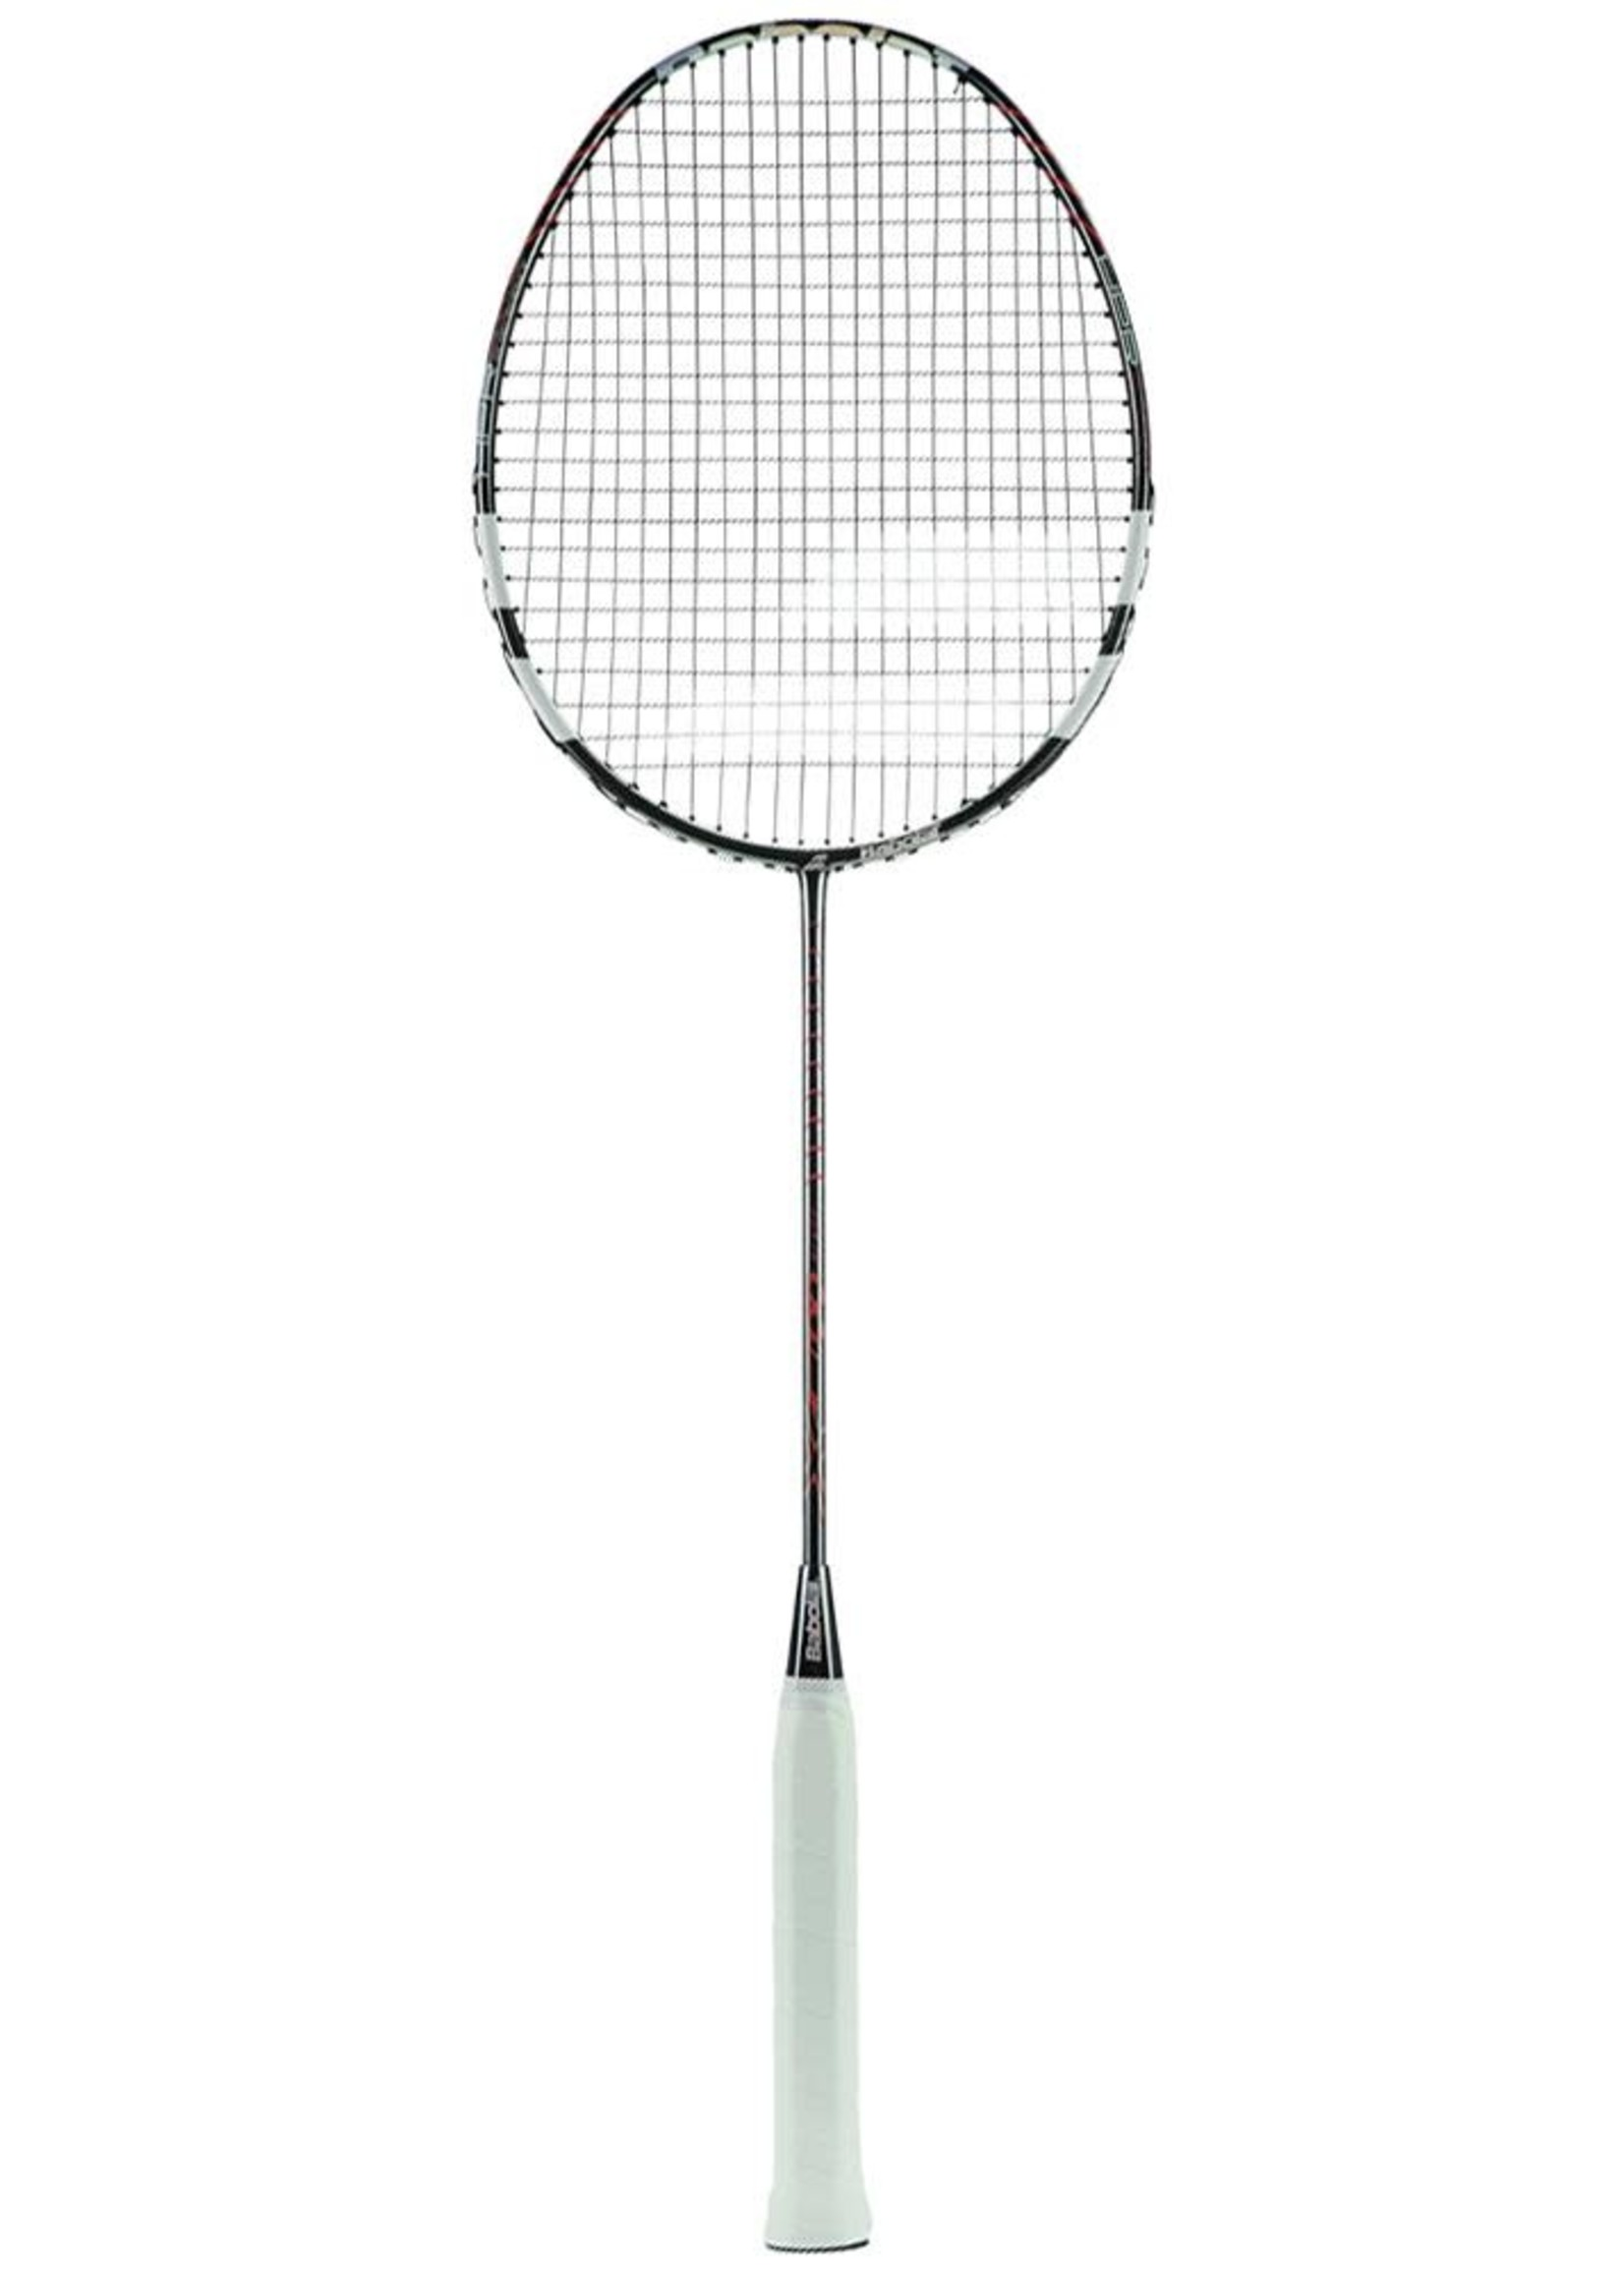 Babolat Babolat X-Act Infinity Blast Badminton Racket (2018)